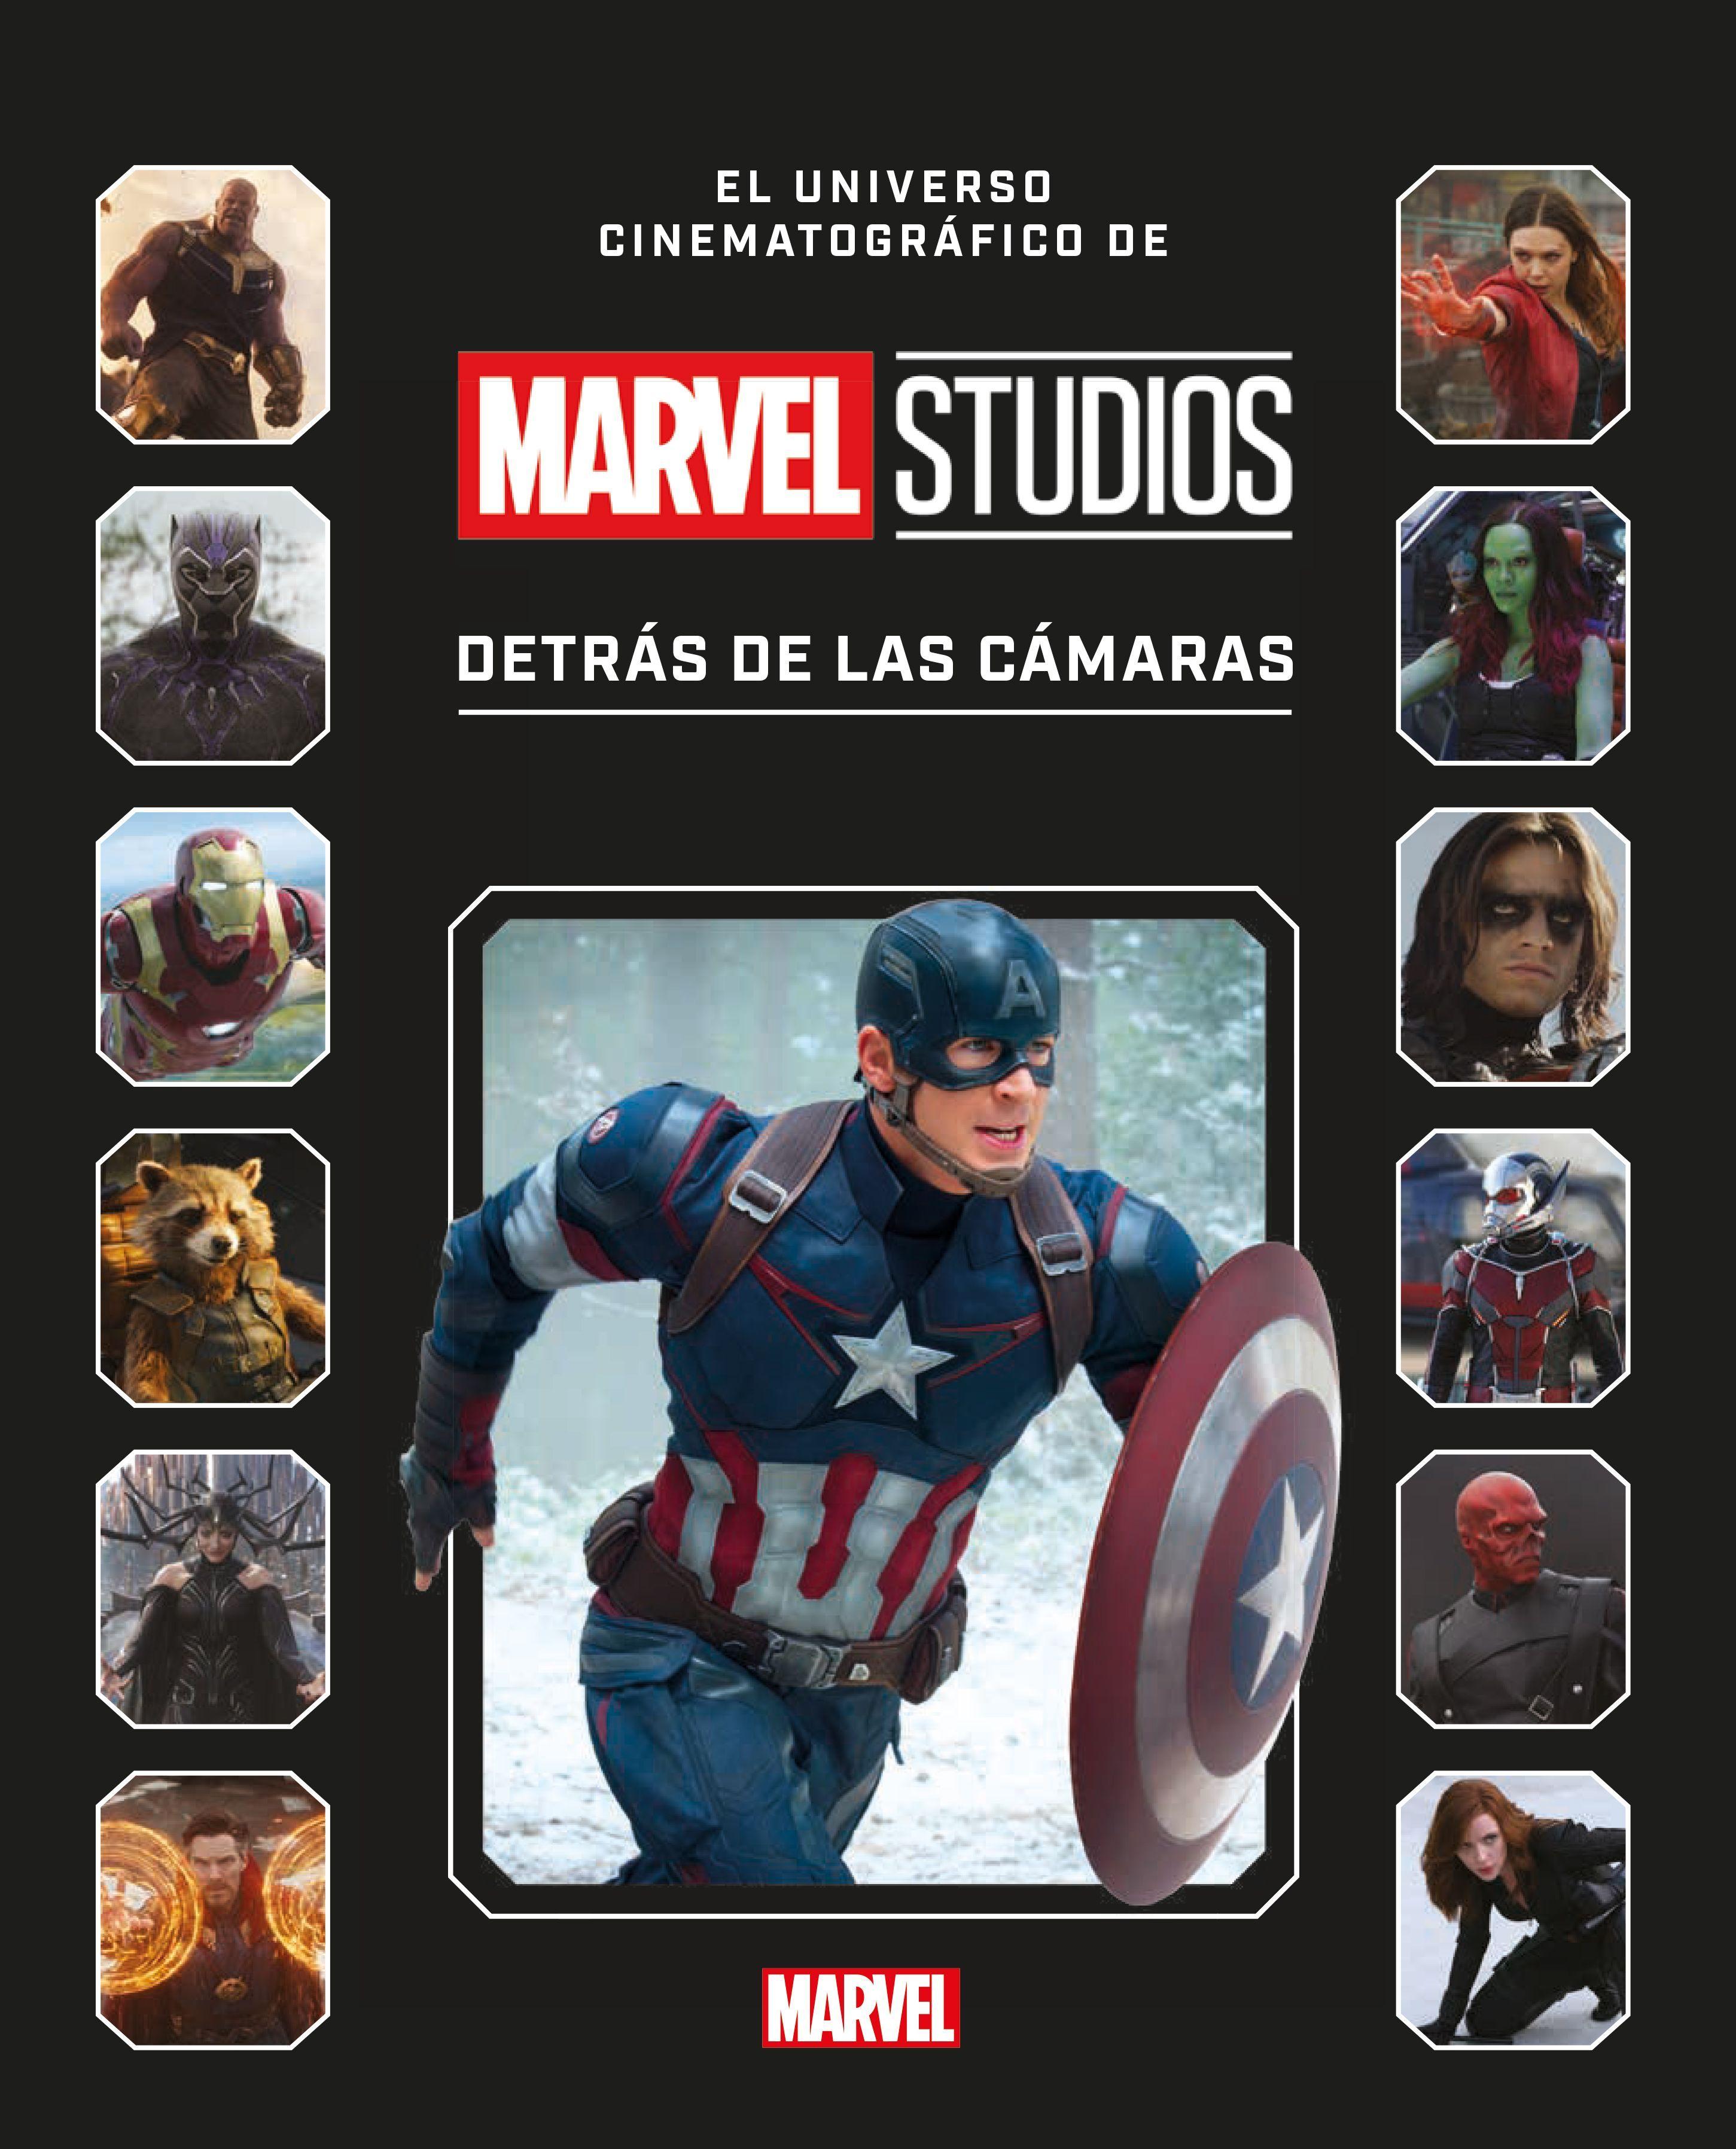 MARVEL STUDIOS DETRAS DE LAS CAMARAS